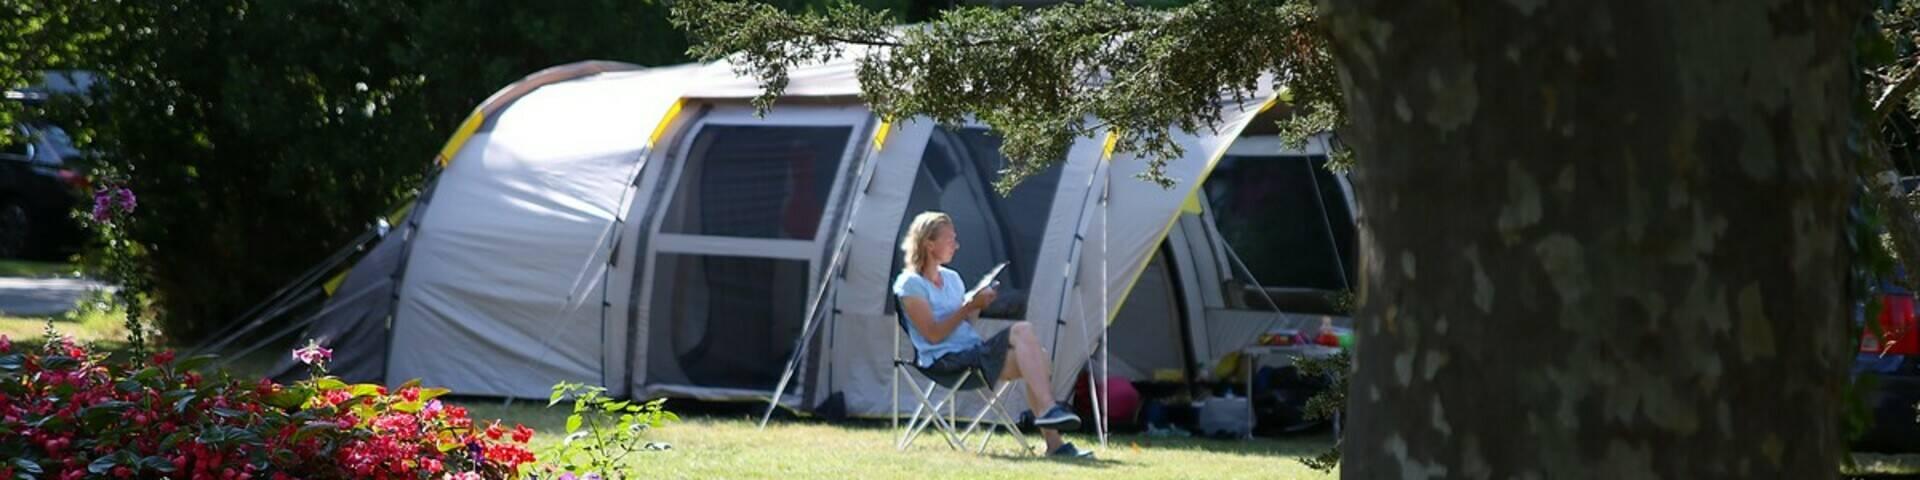 Ferienlektüre vor dem gemütlichen Zelt